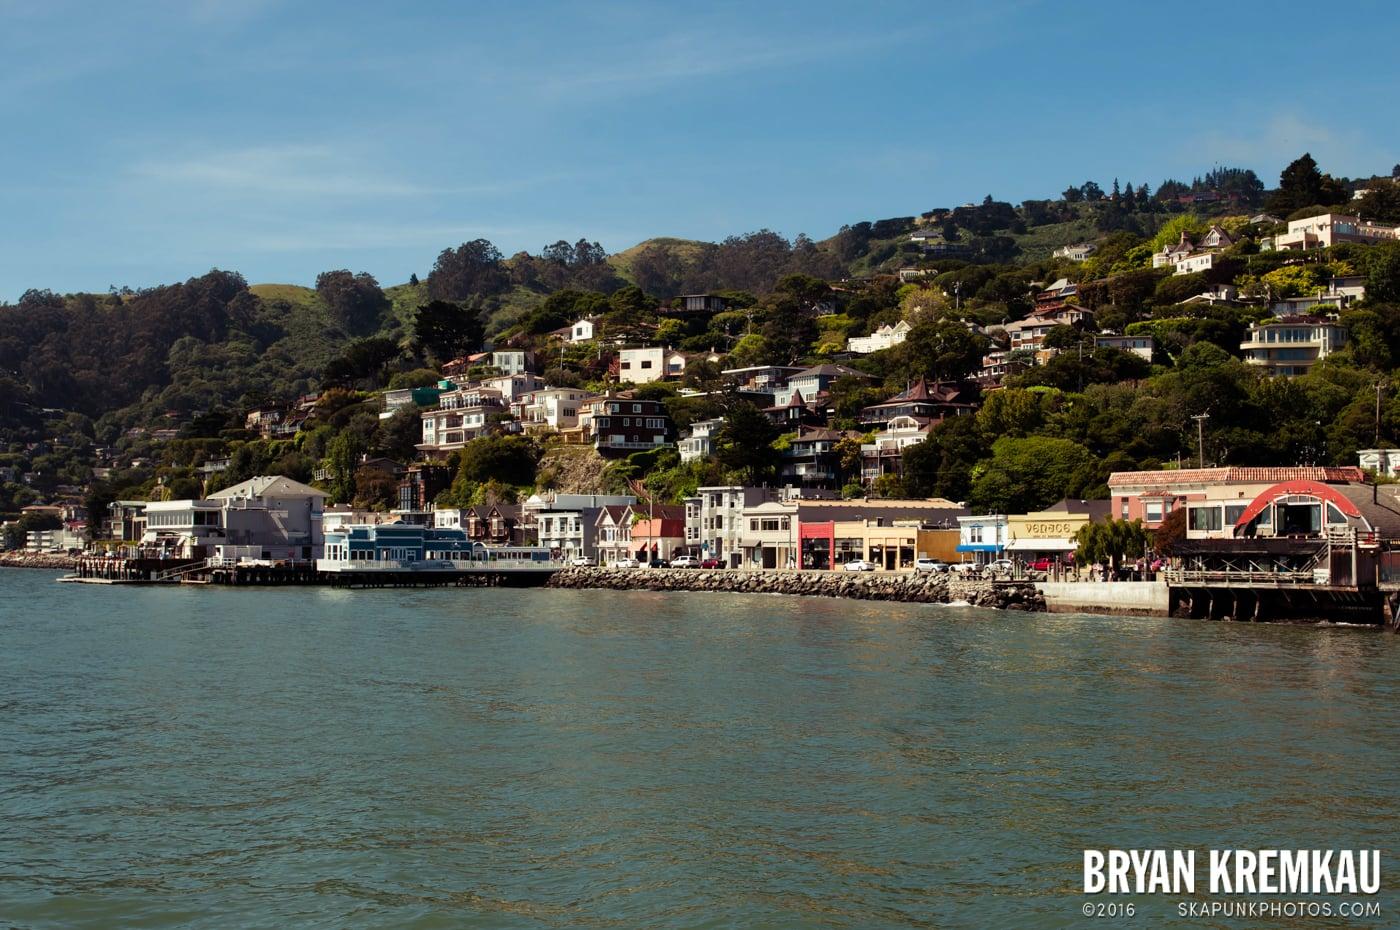 San Francisco Vacation - Day 3 - 4.30.12 (79)